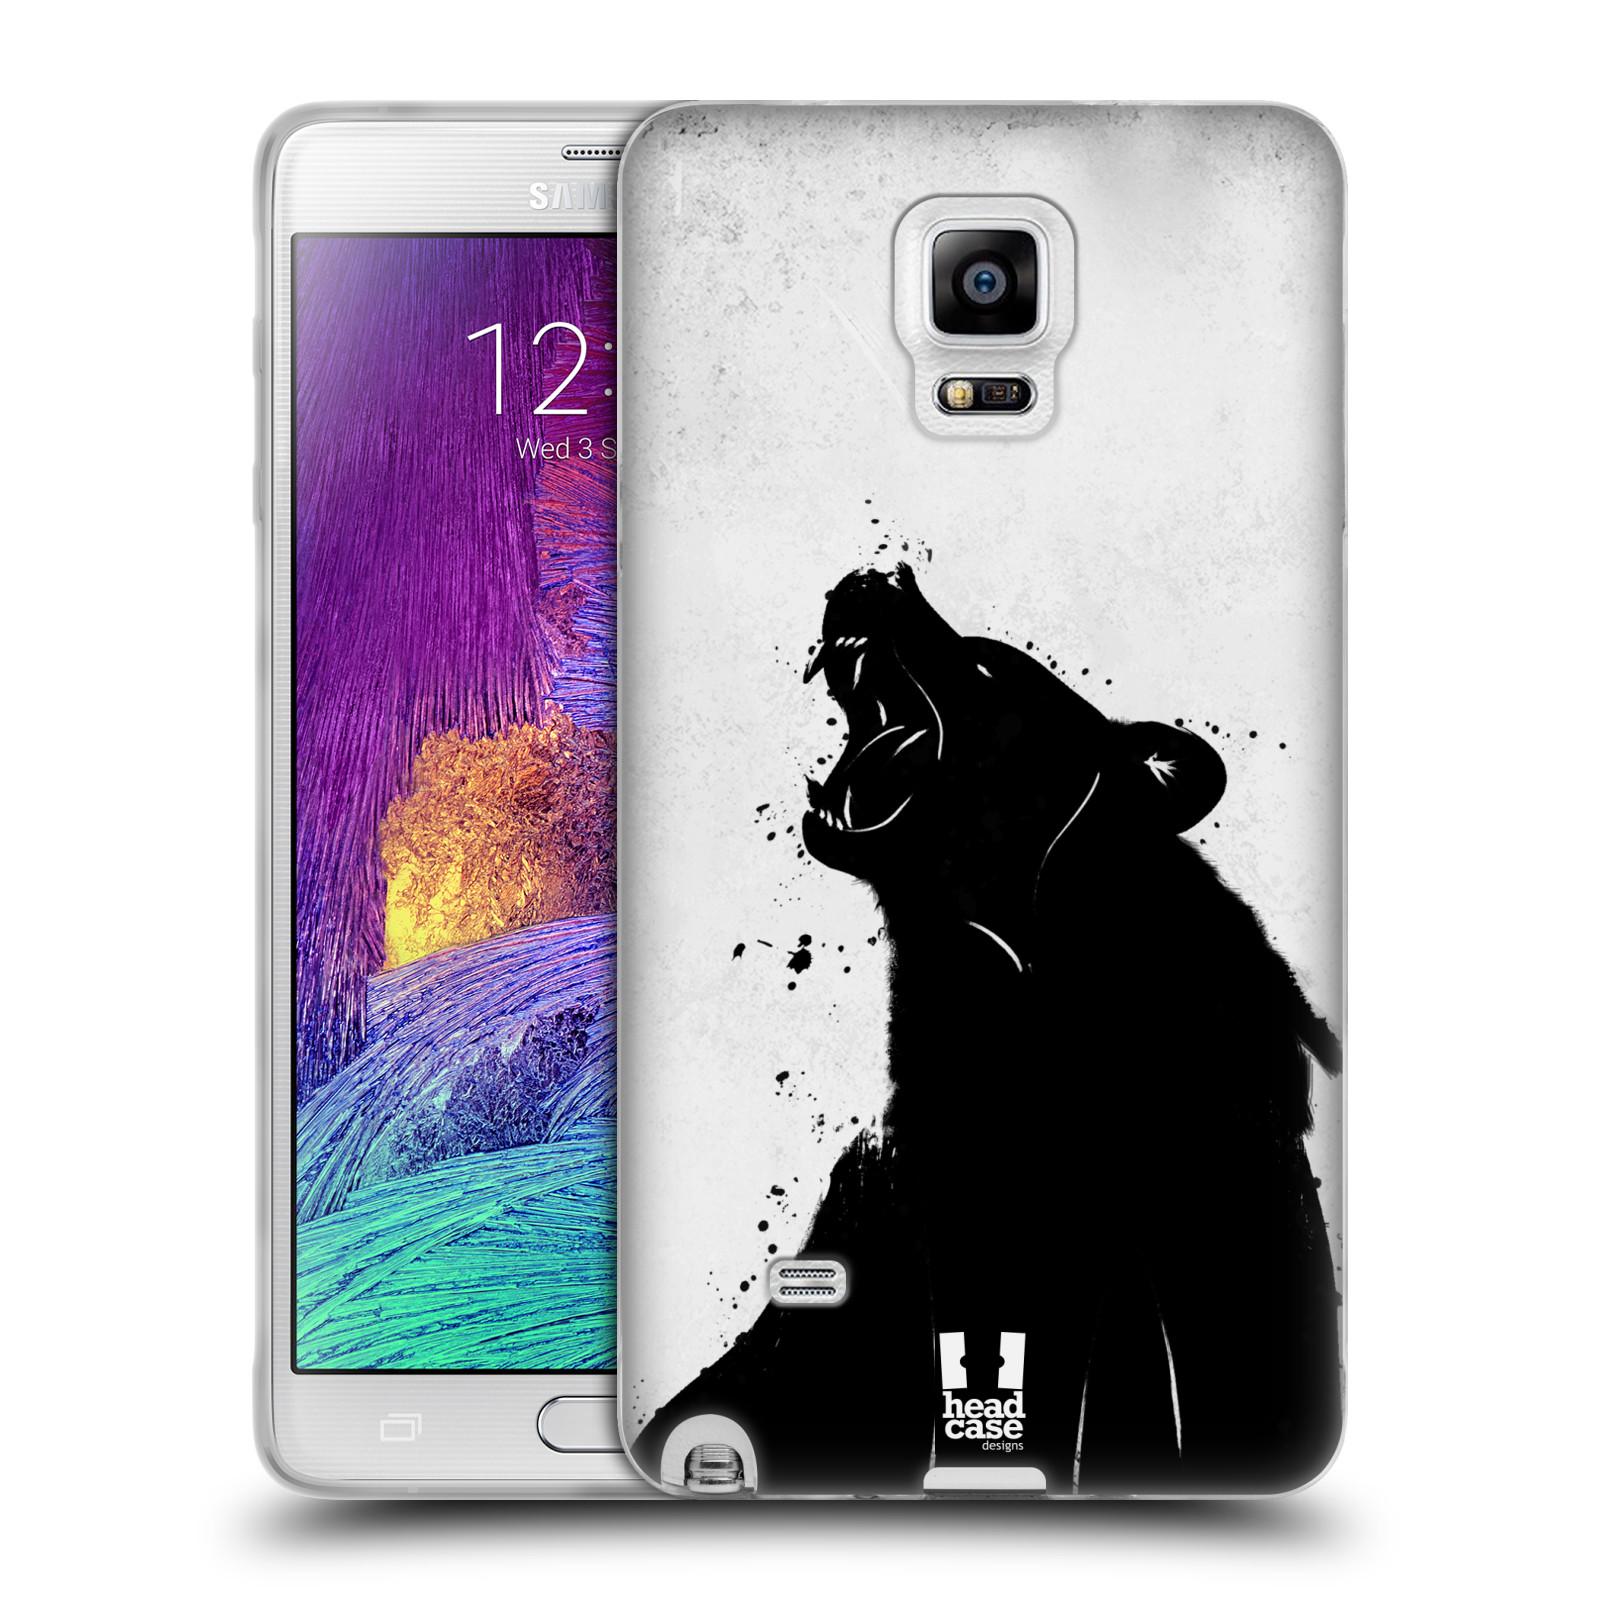 HEAD CASE silikonový obal na mobil Samsung Galaxy Note 4 (N910) vzor Kresba tuš zvíře medvěd